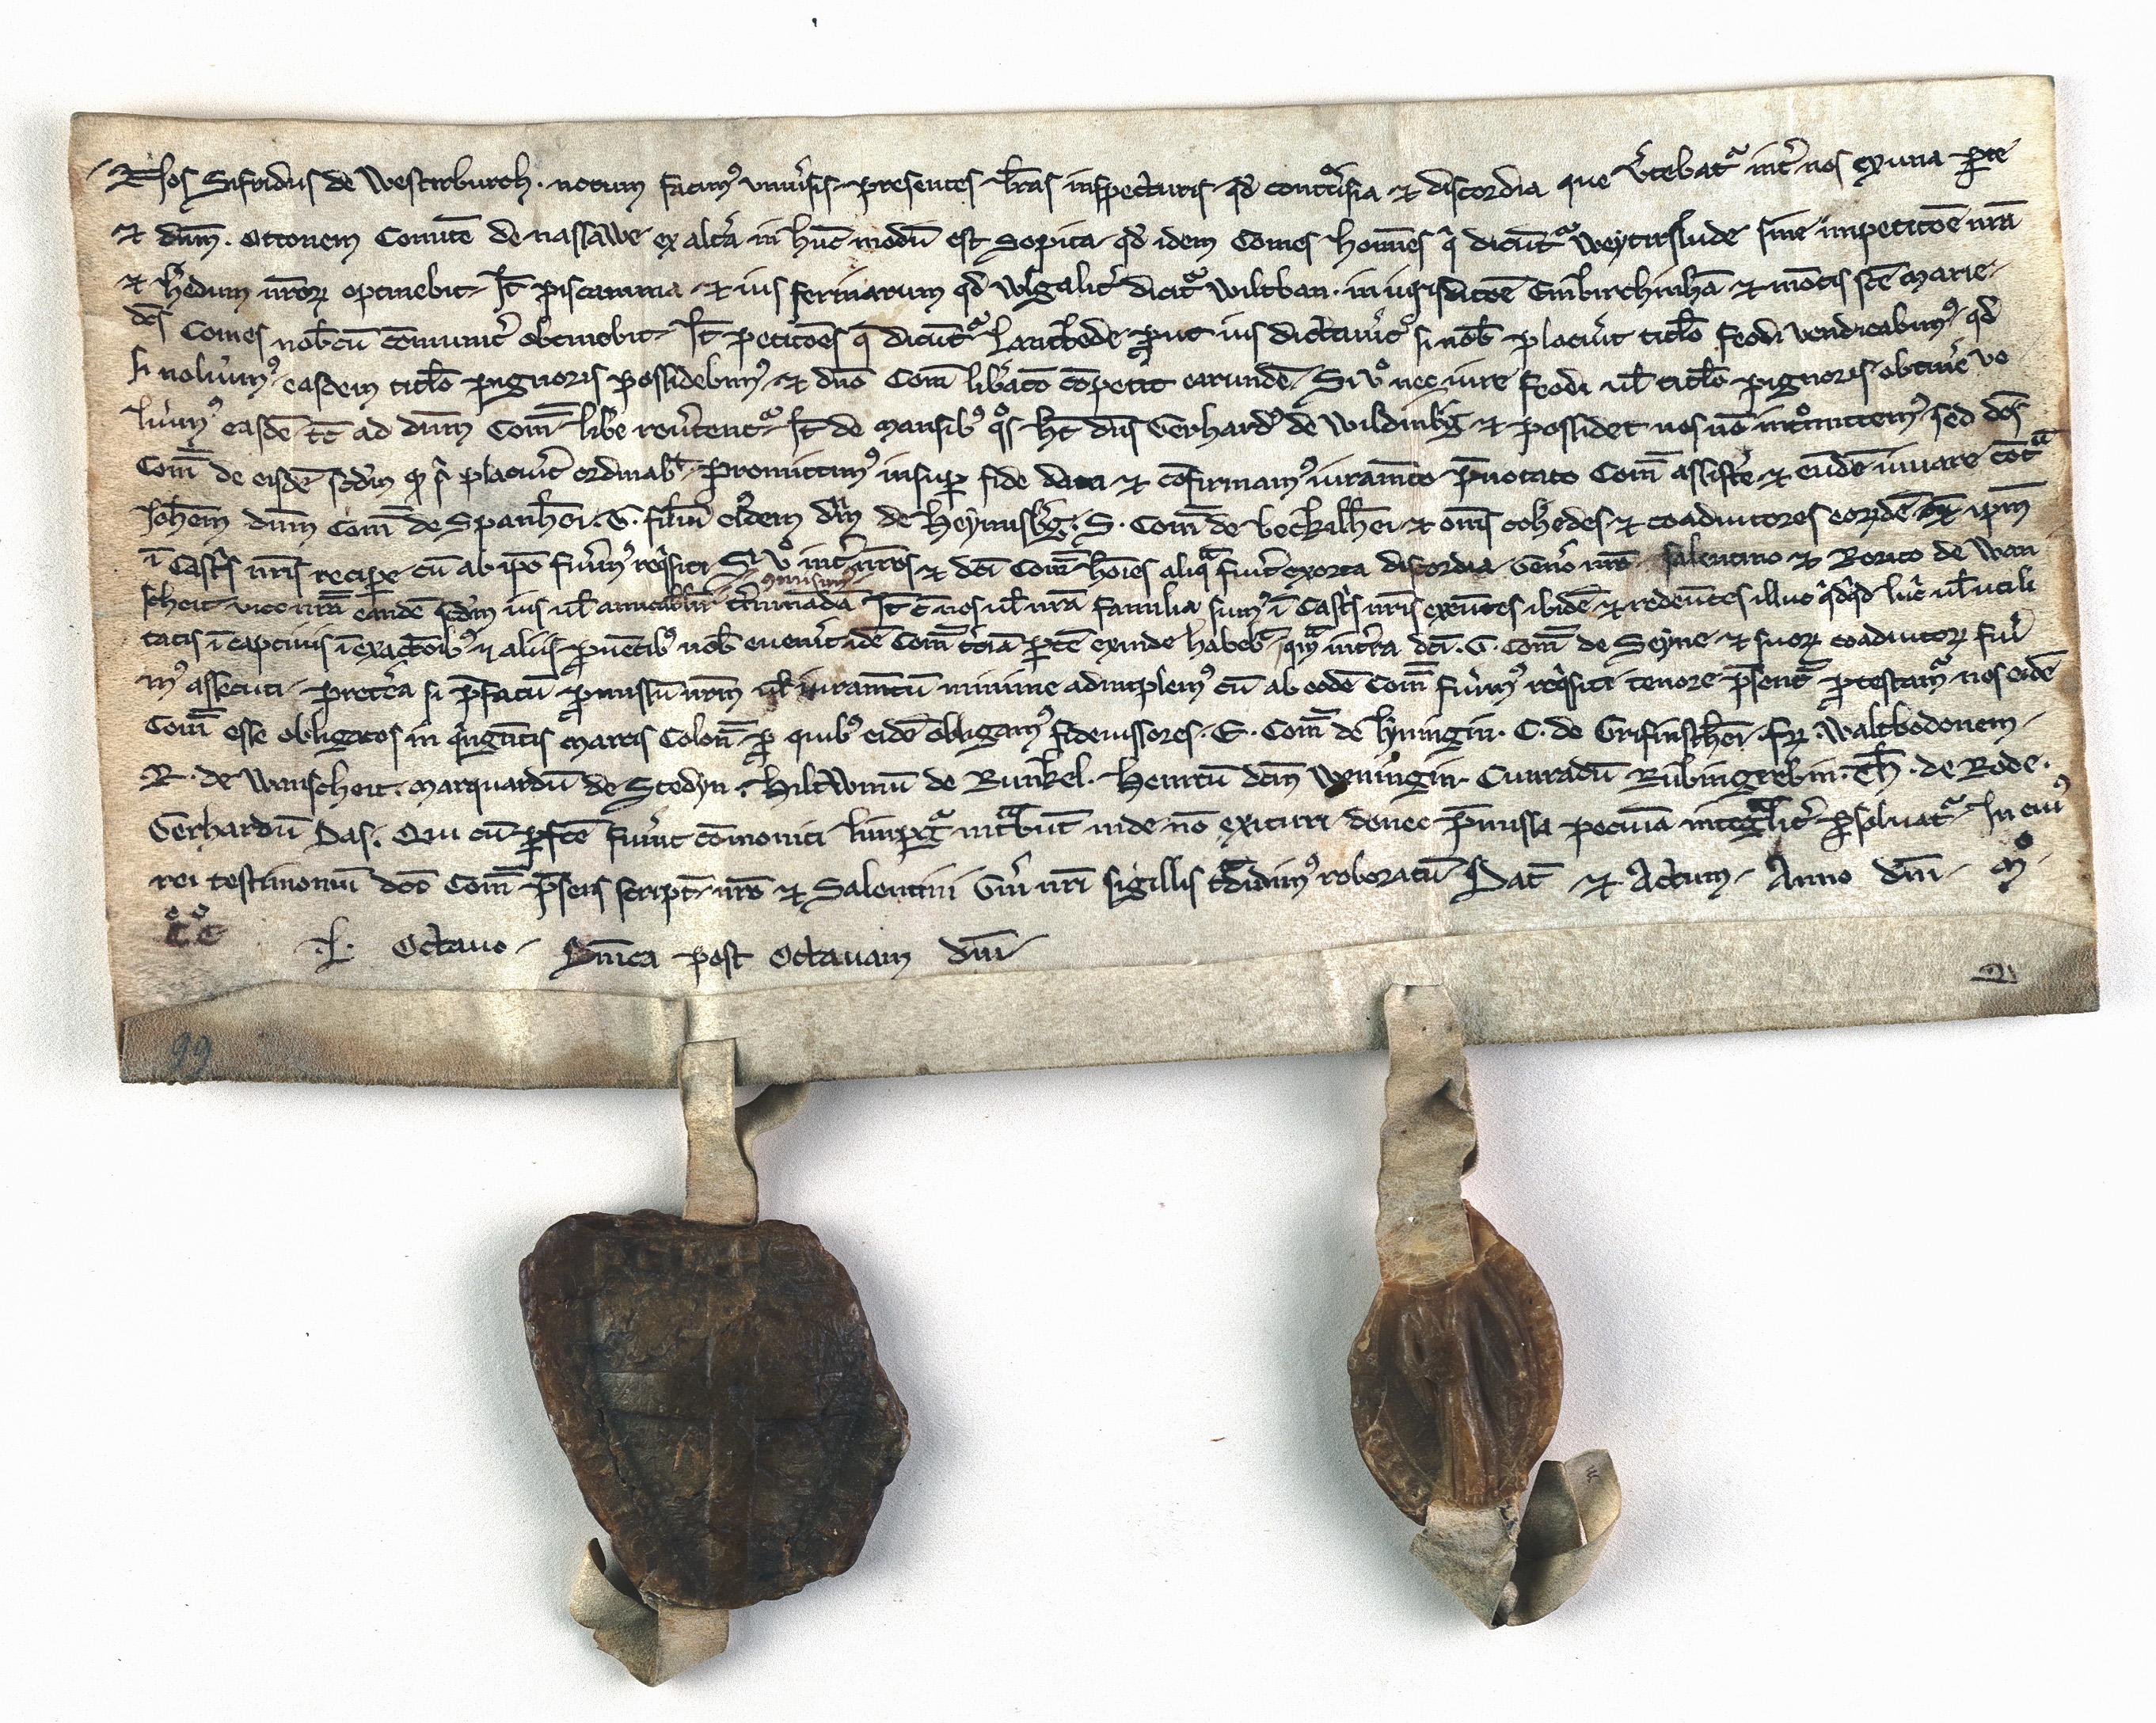 Urkunde zur Ersterwähnung Steeden 1258